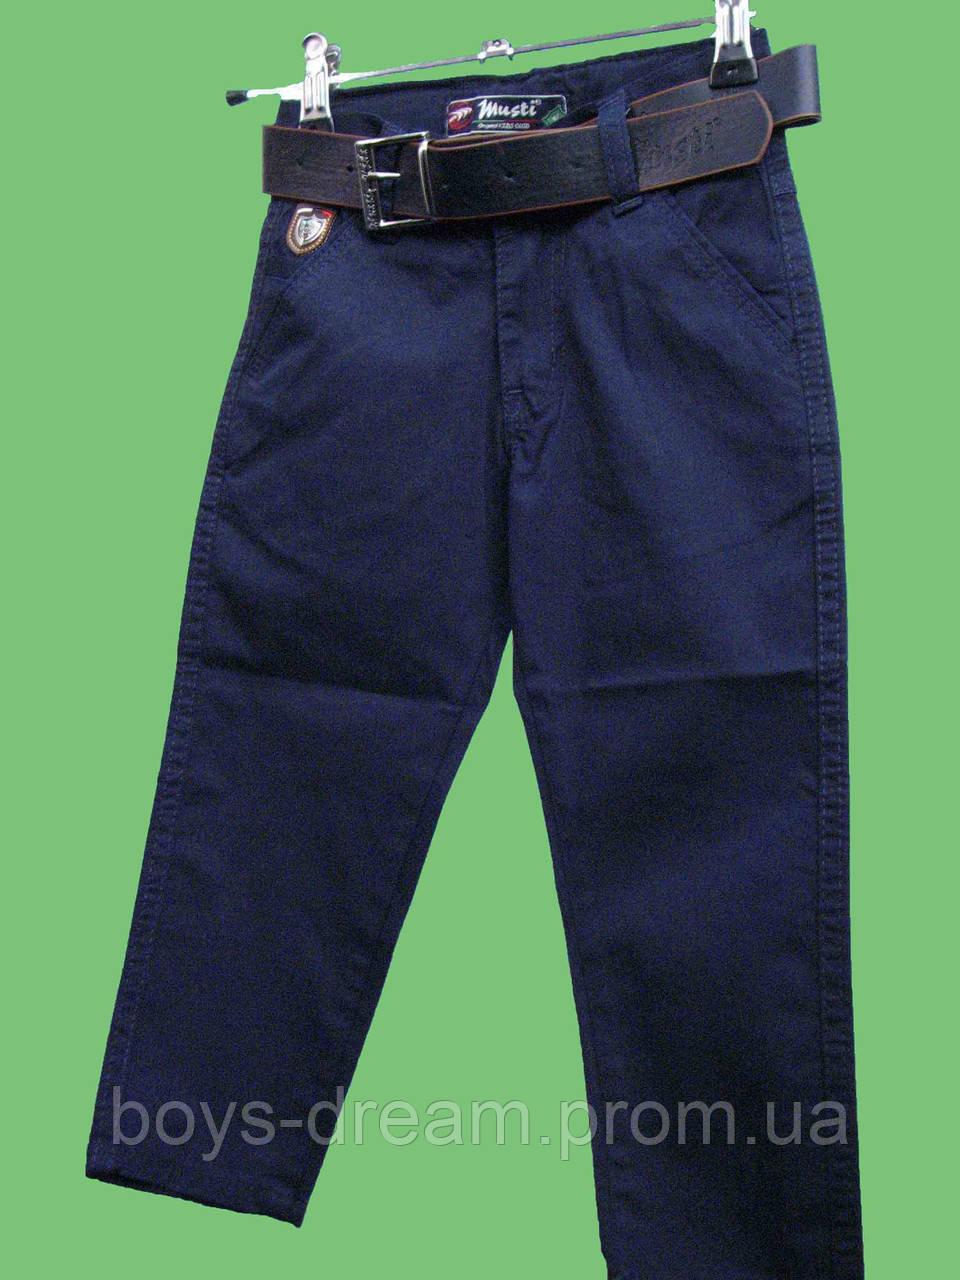 Классические брюки для мальчика 2-х лет(Турция)